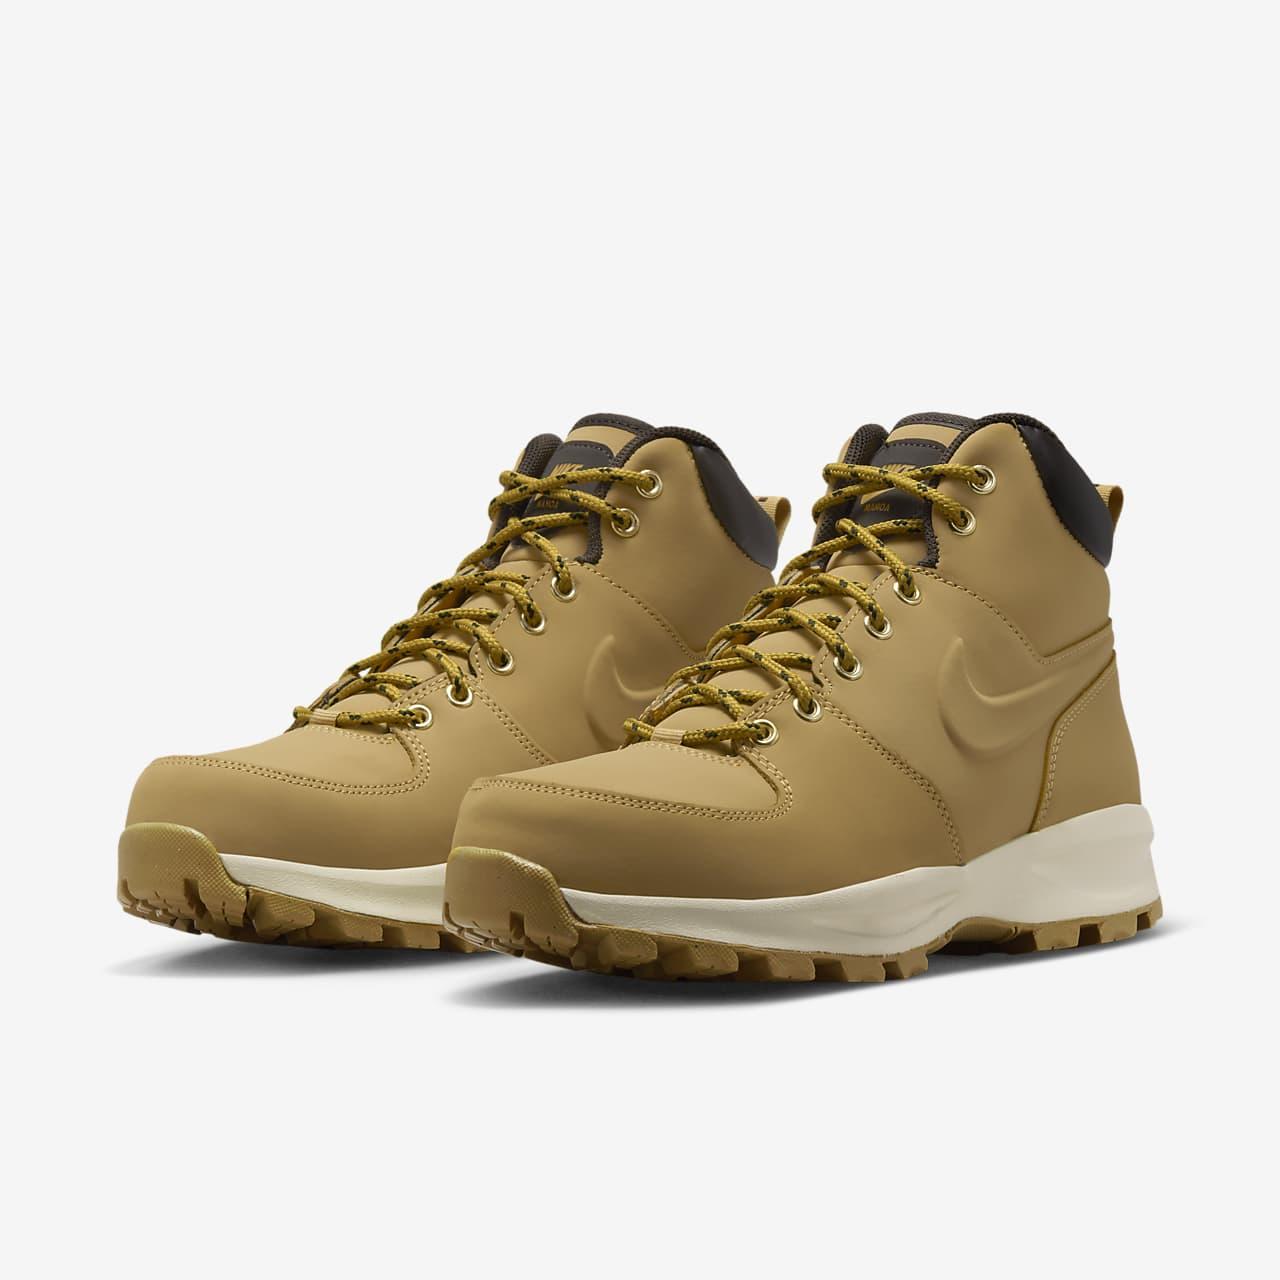 498fb6ac82e Chaussure Nike Manoa pour Homme. Nike.com FR